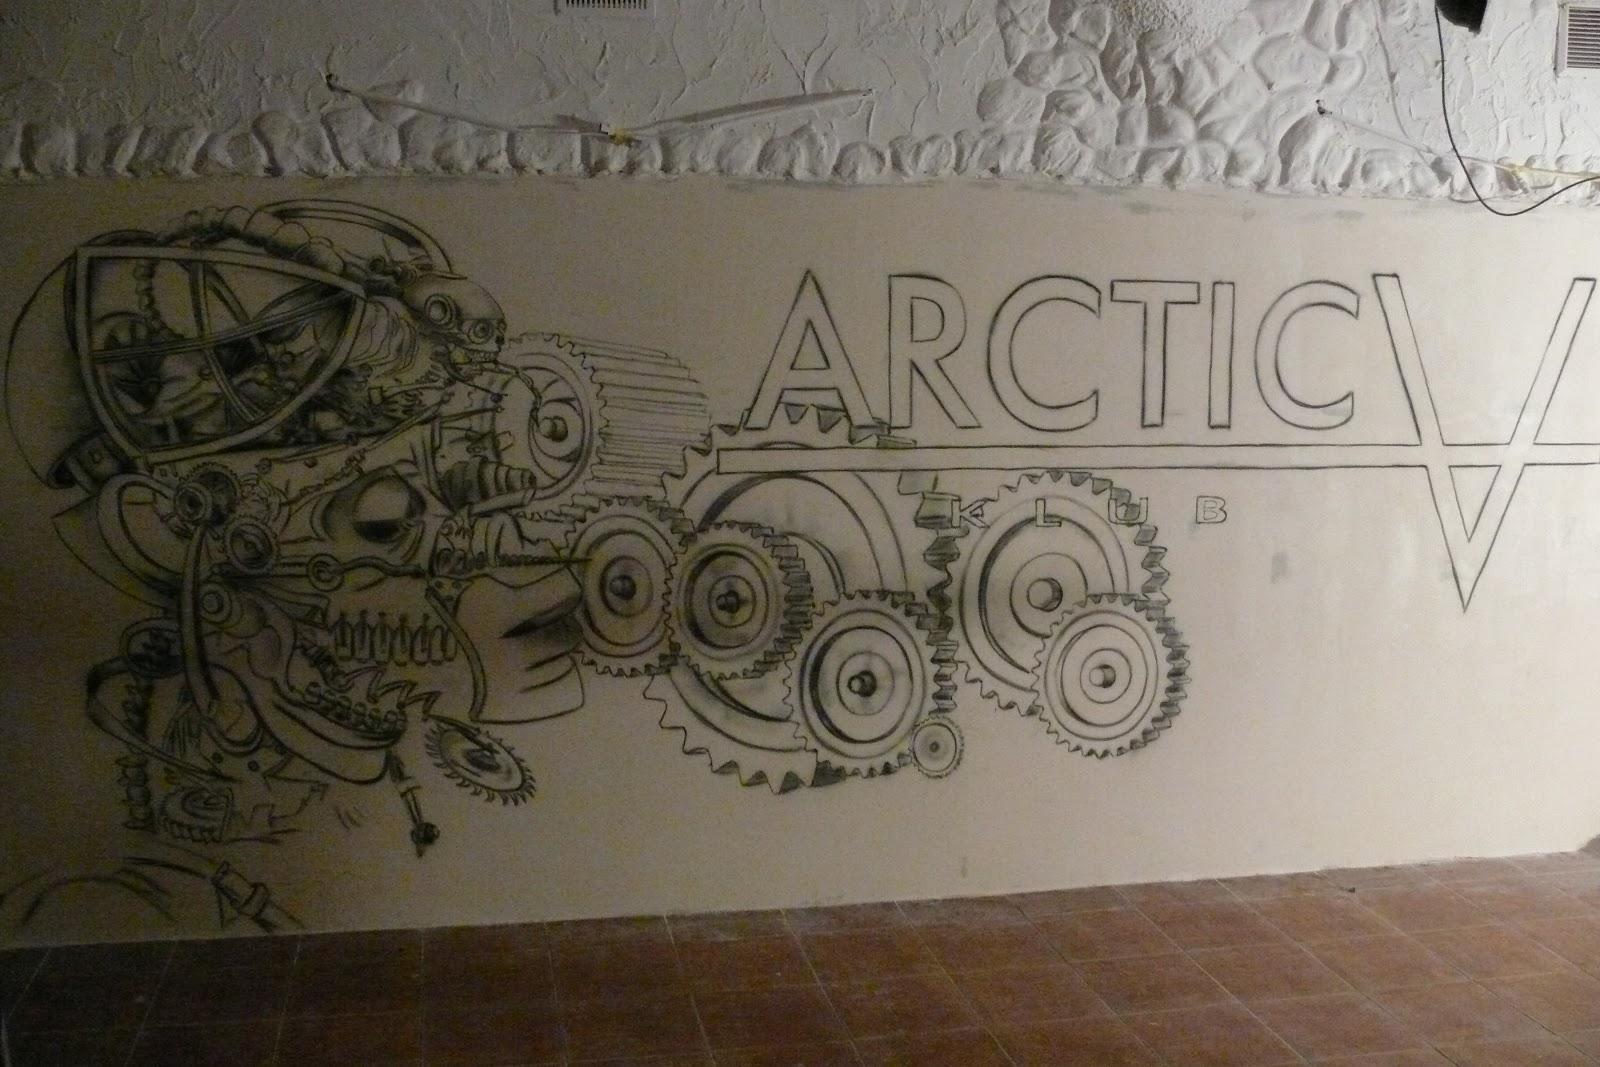 Niesamowity klub w Płocku Arctica, malowanie graffiti, aranżacja ścian w klubie